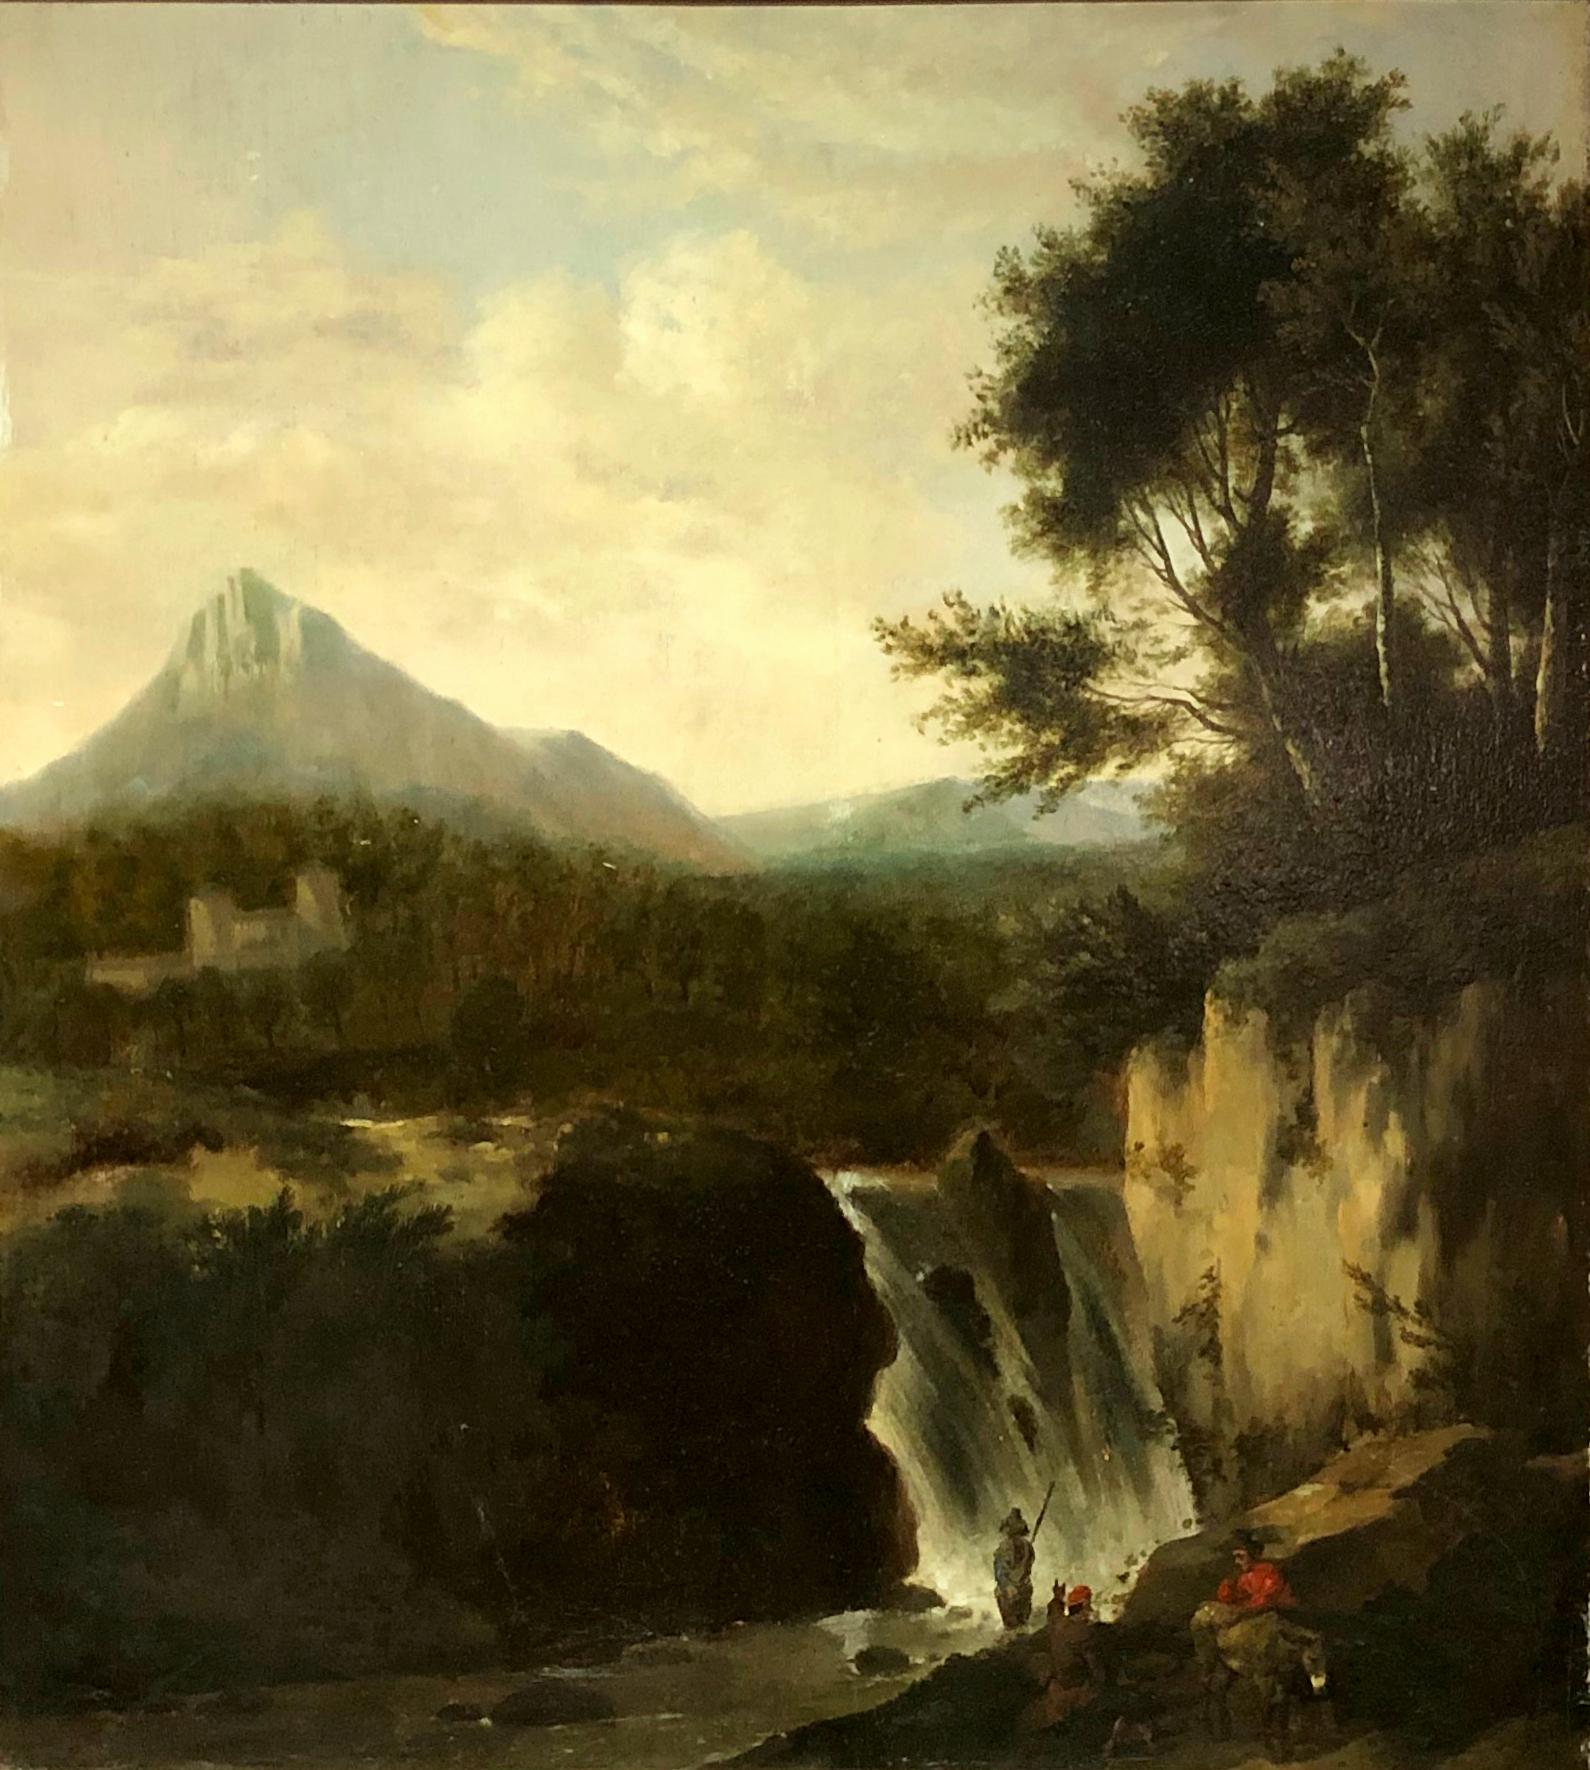 MALARZ NIEOKREŚLONY, XVIII wiek, Włochy lub Płd. Niemcy